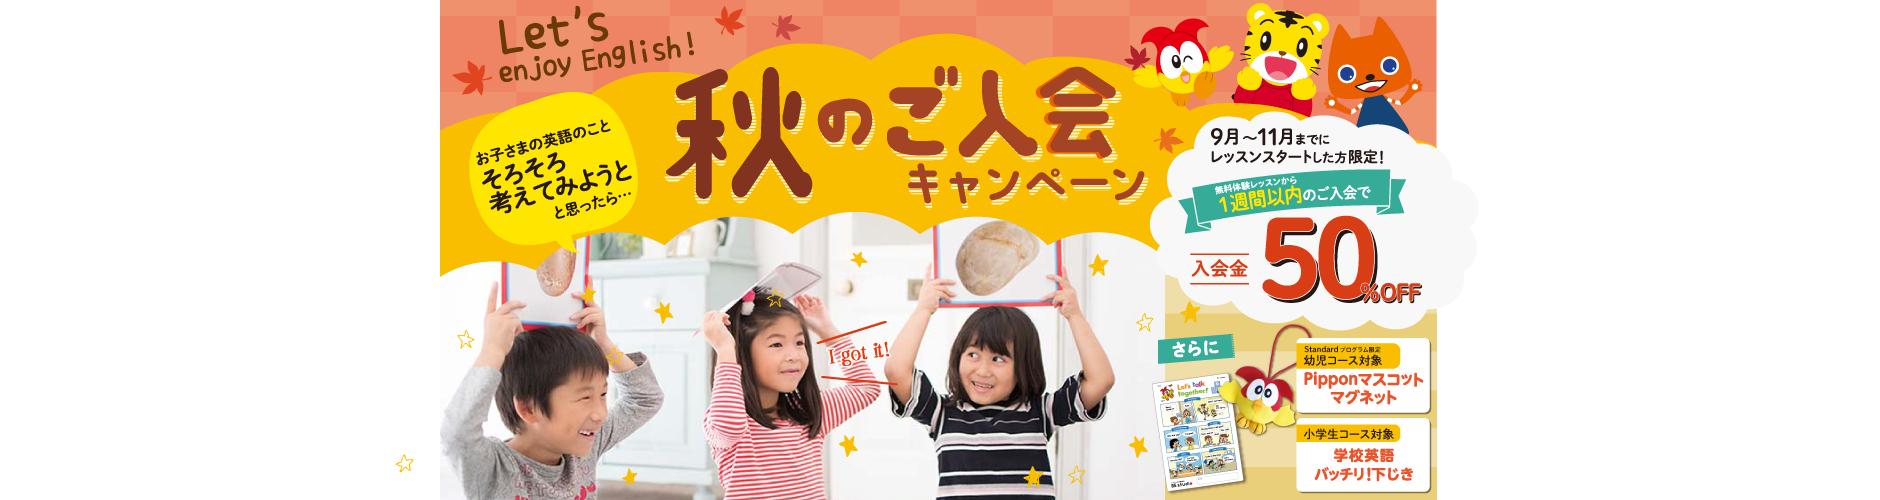 秋のご入会キャンペーン